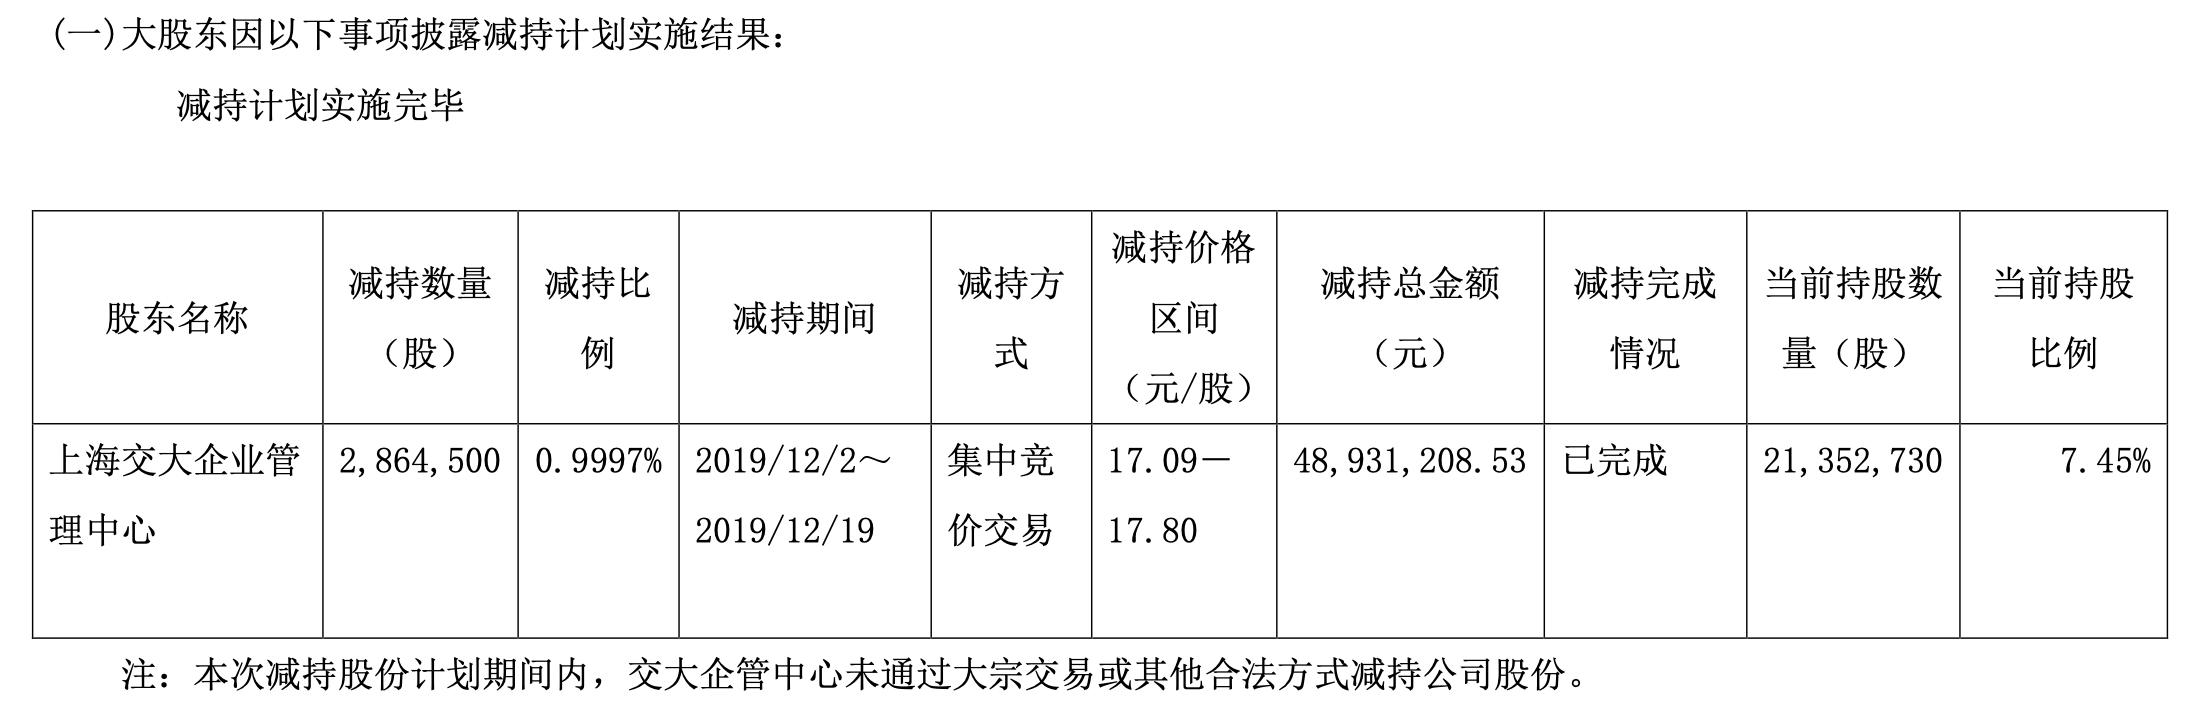 昂立教育二股东减持套现4893万 已收到第一期卖房款